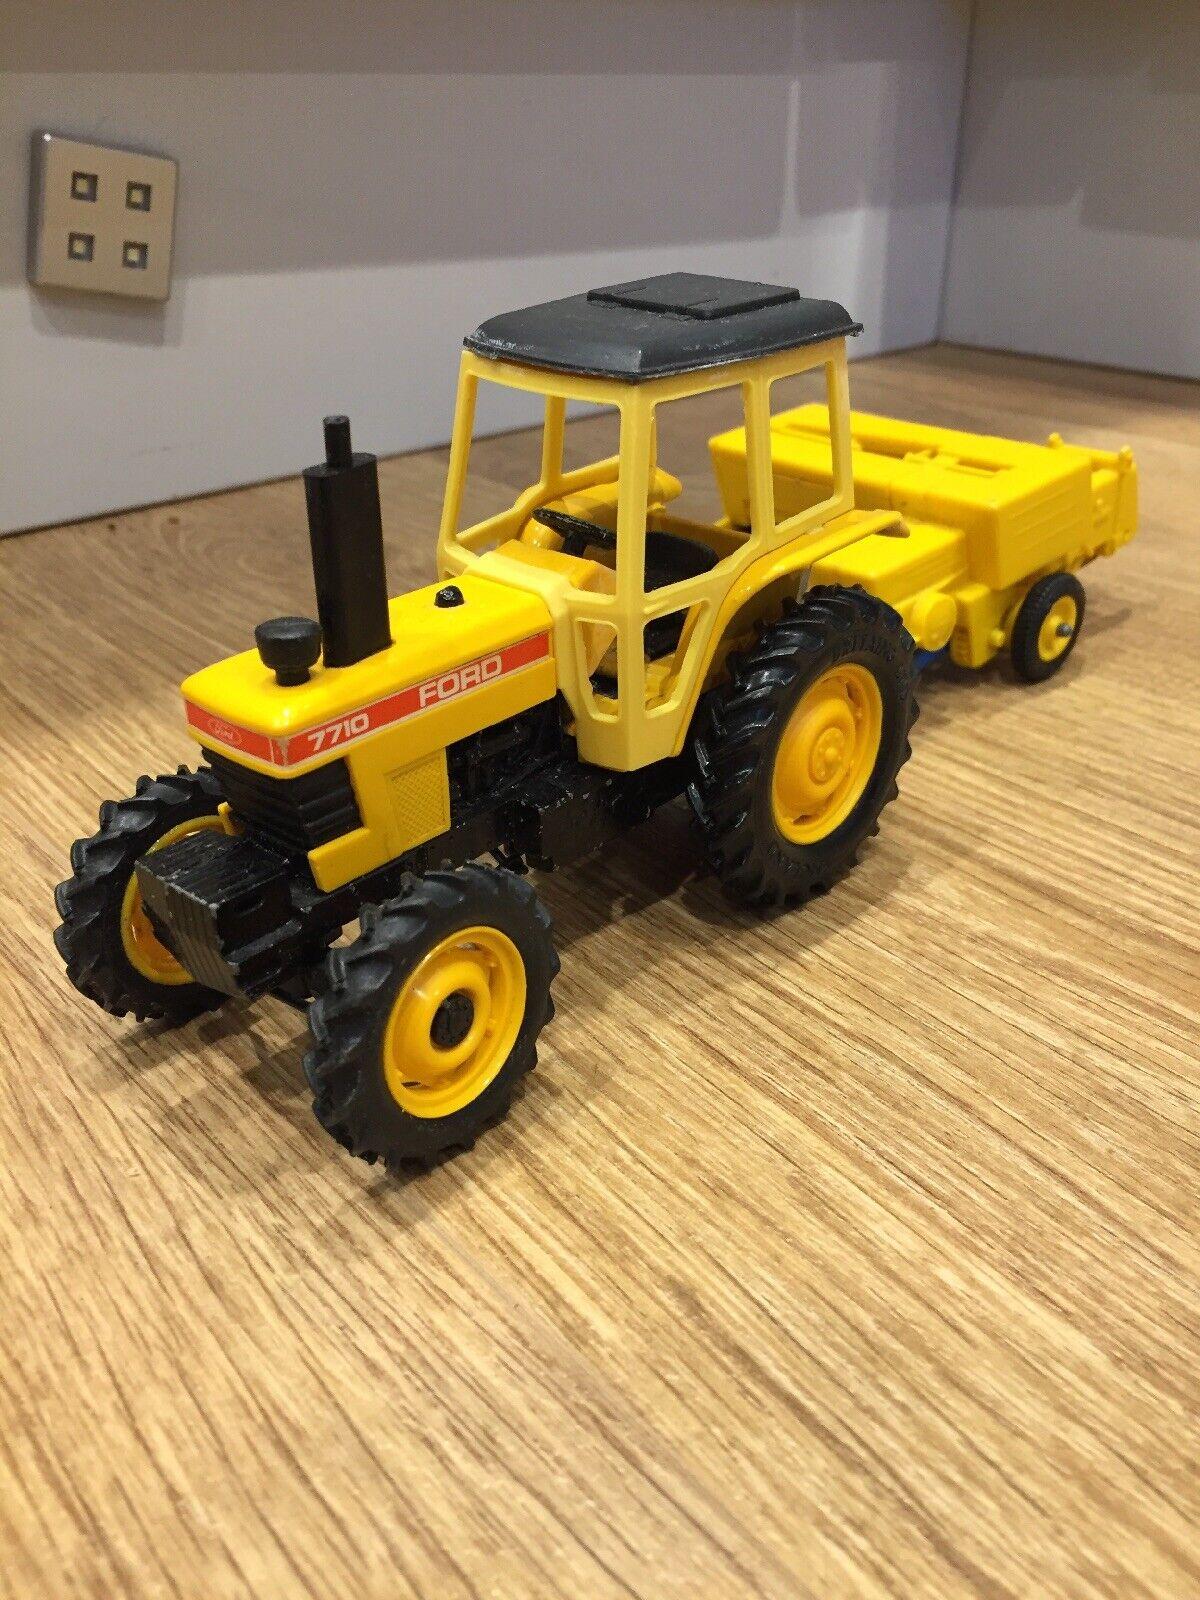 BRITAINS Auto WAY FORD 7710 tracteur Bamford Botteleuse  Set 1 32 Scale Farm  vente directe d'usine